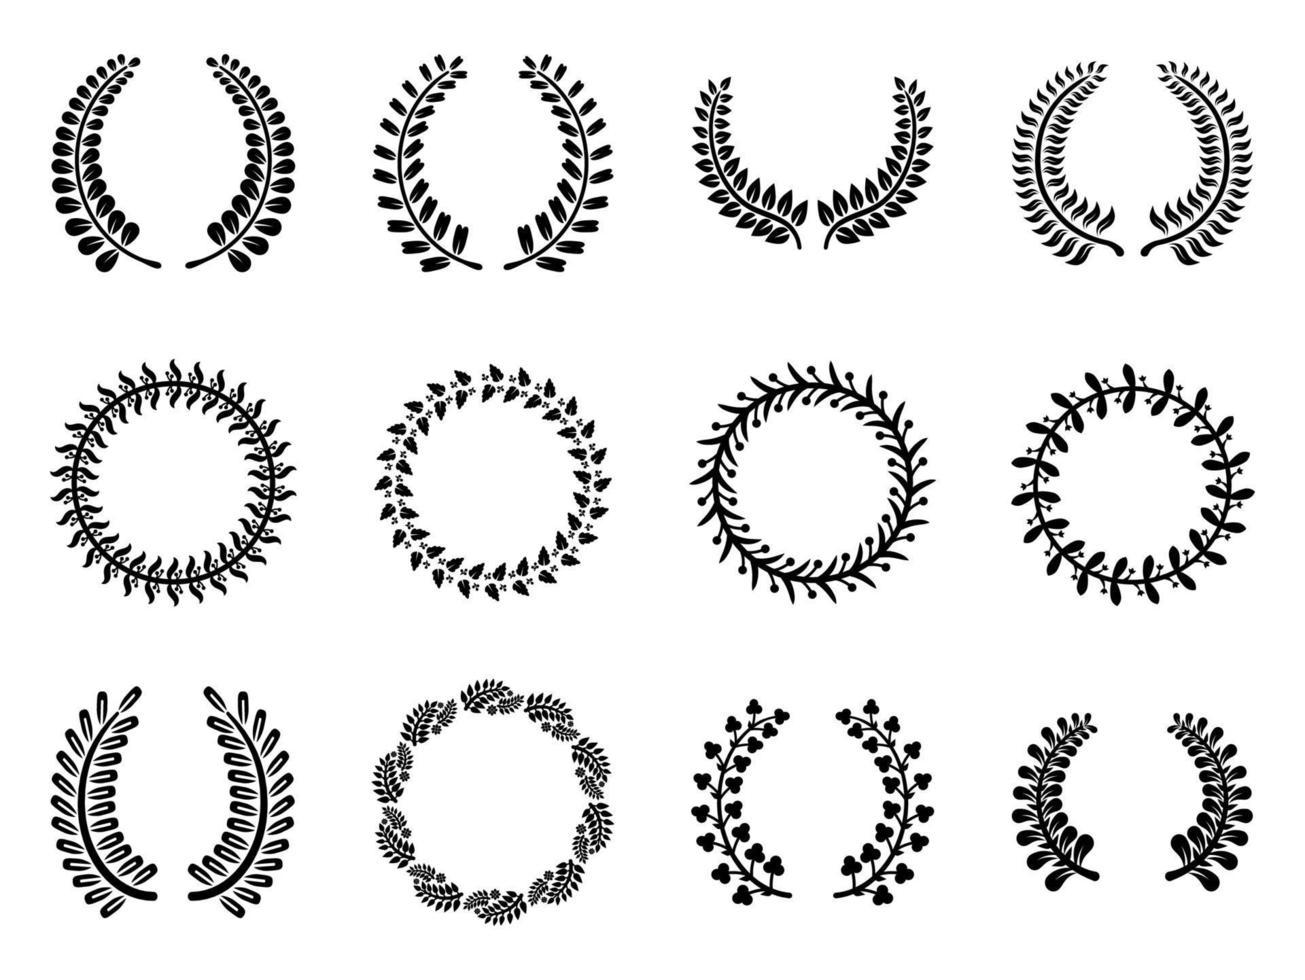 conjunto de ícones de quadros de louro - ilustração vetorial. vetor